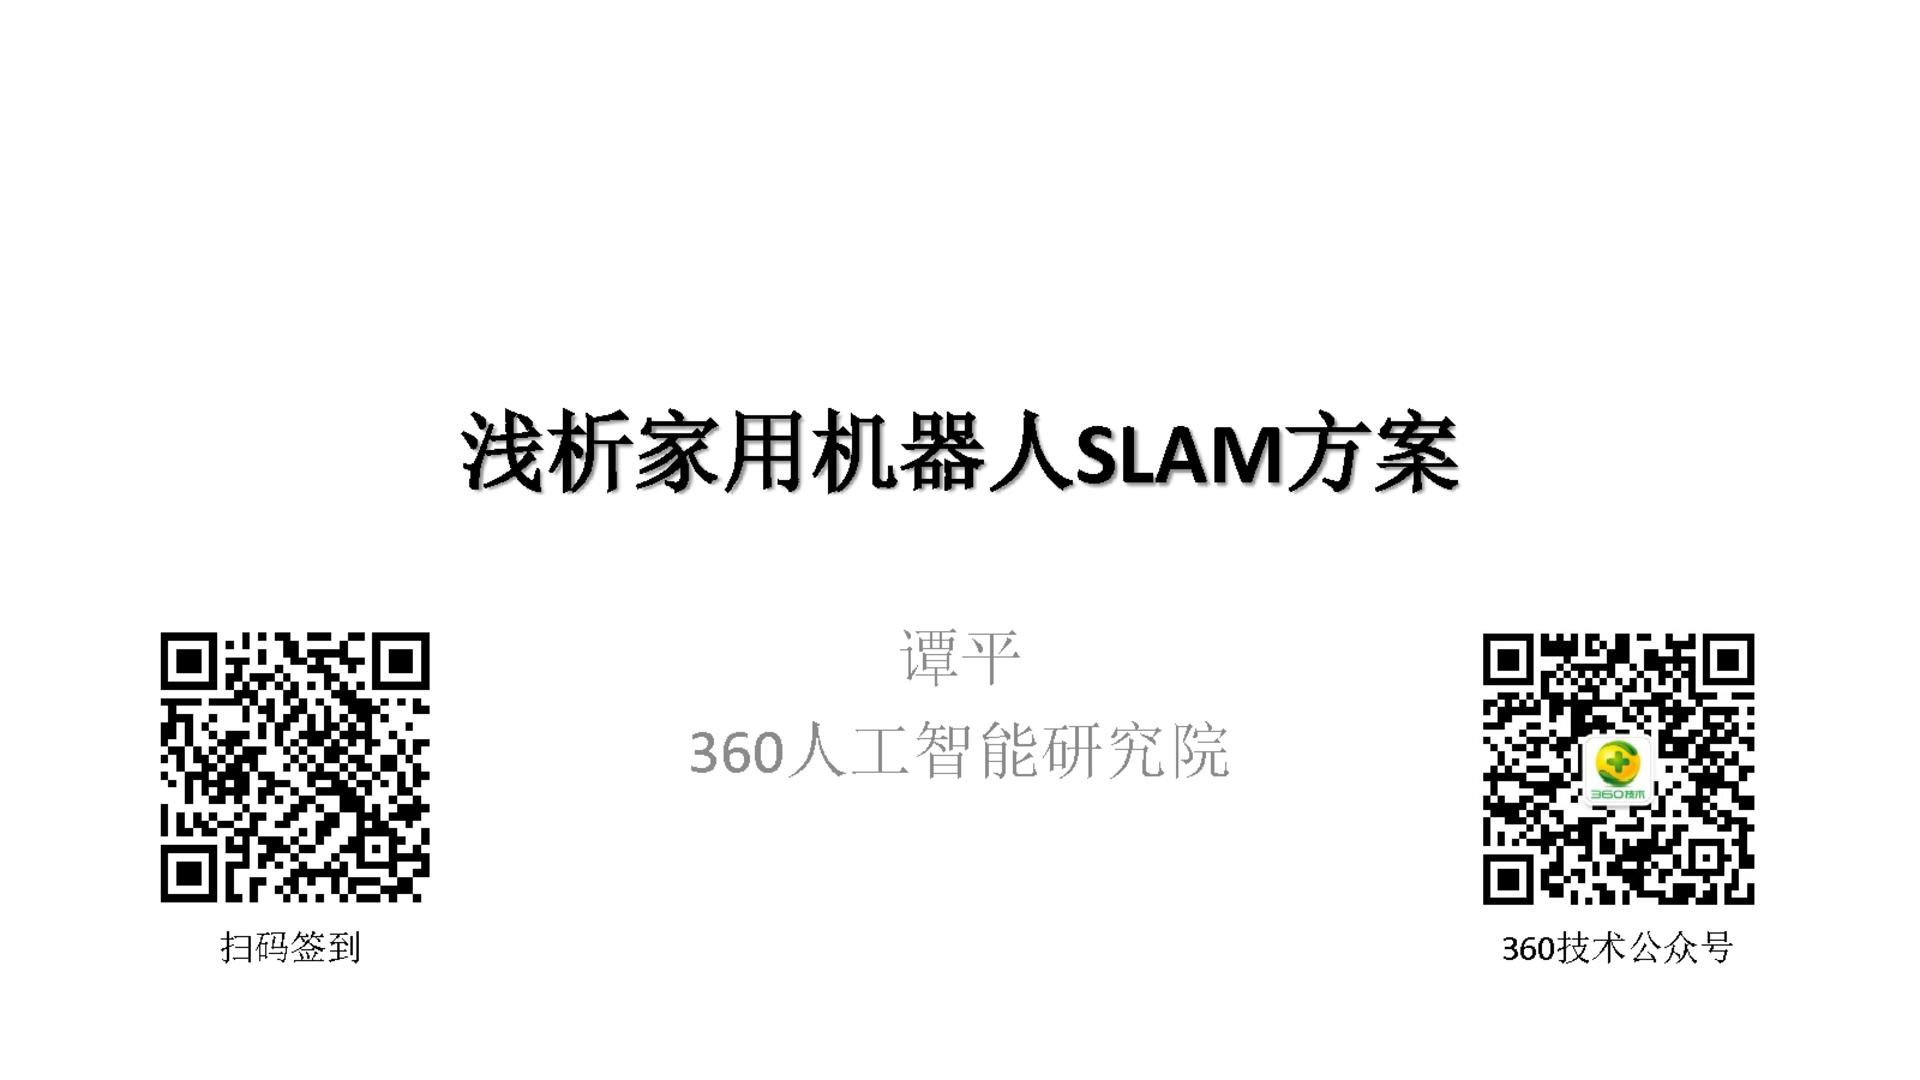 2018 04 03 家用机器人SLAM浅析